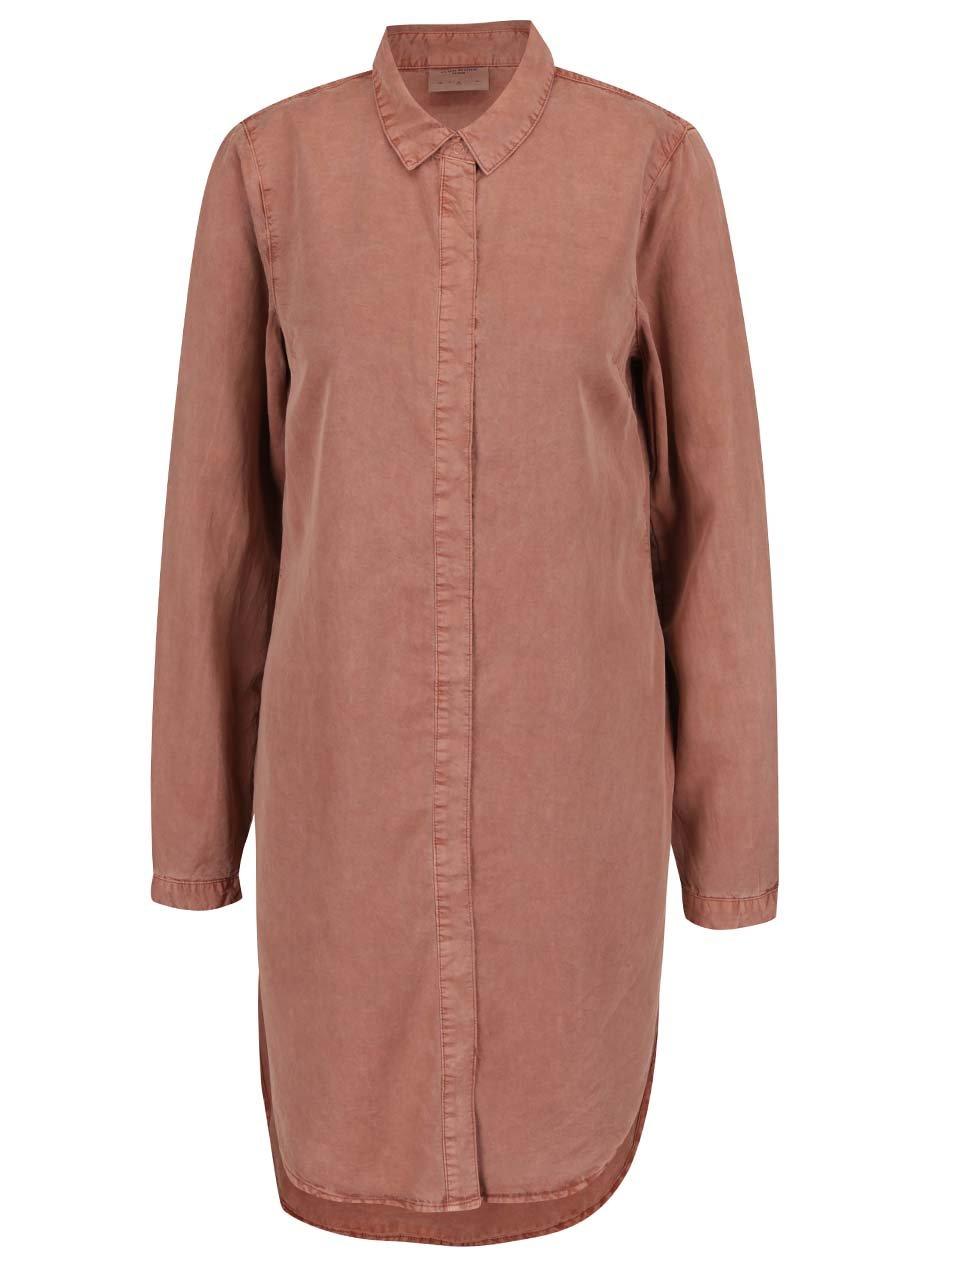 Starorůžové košilové šaty VERO MODA Natasja